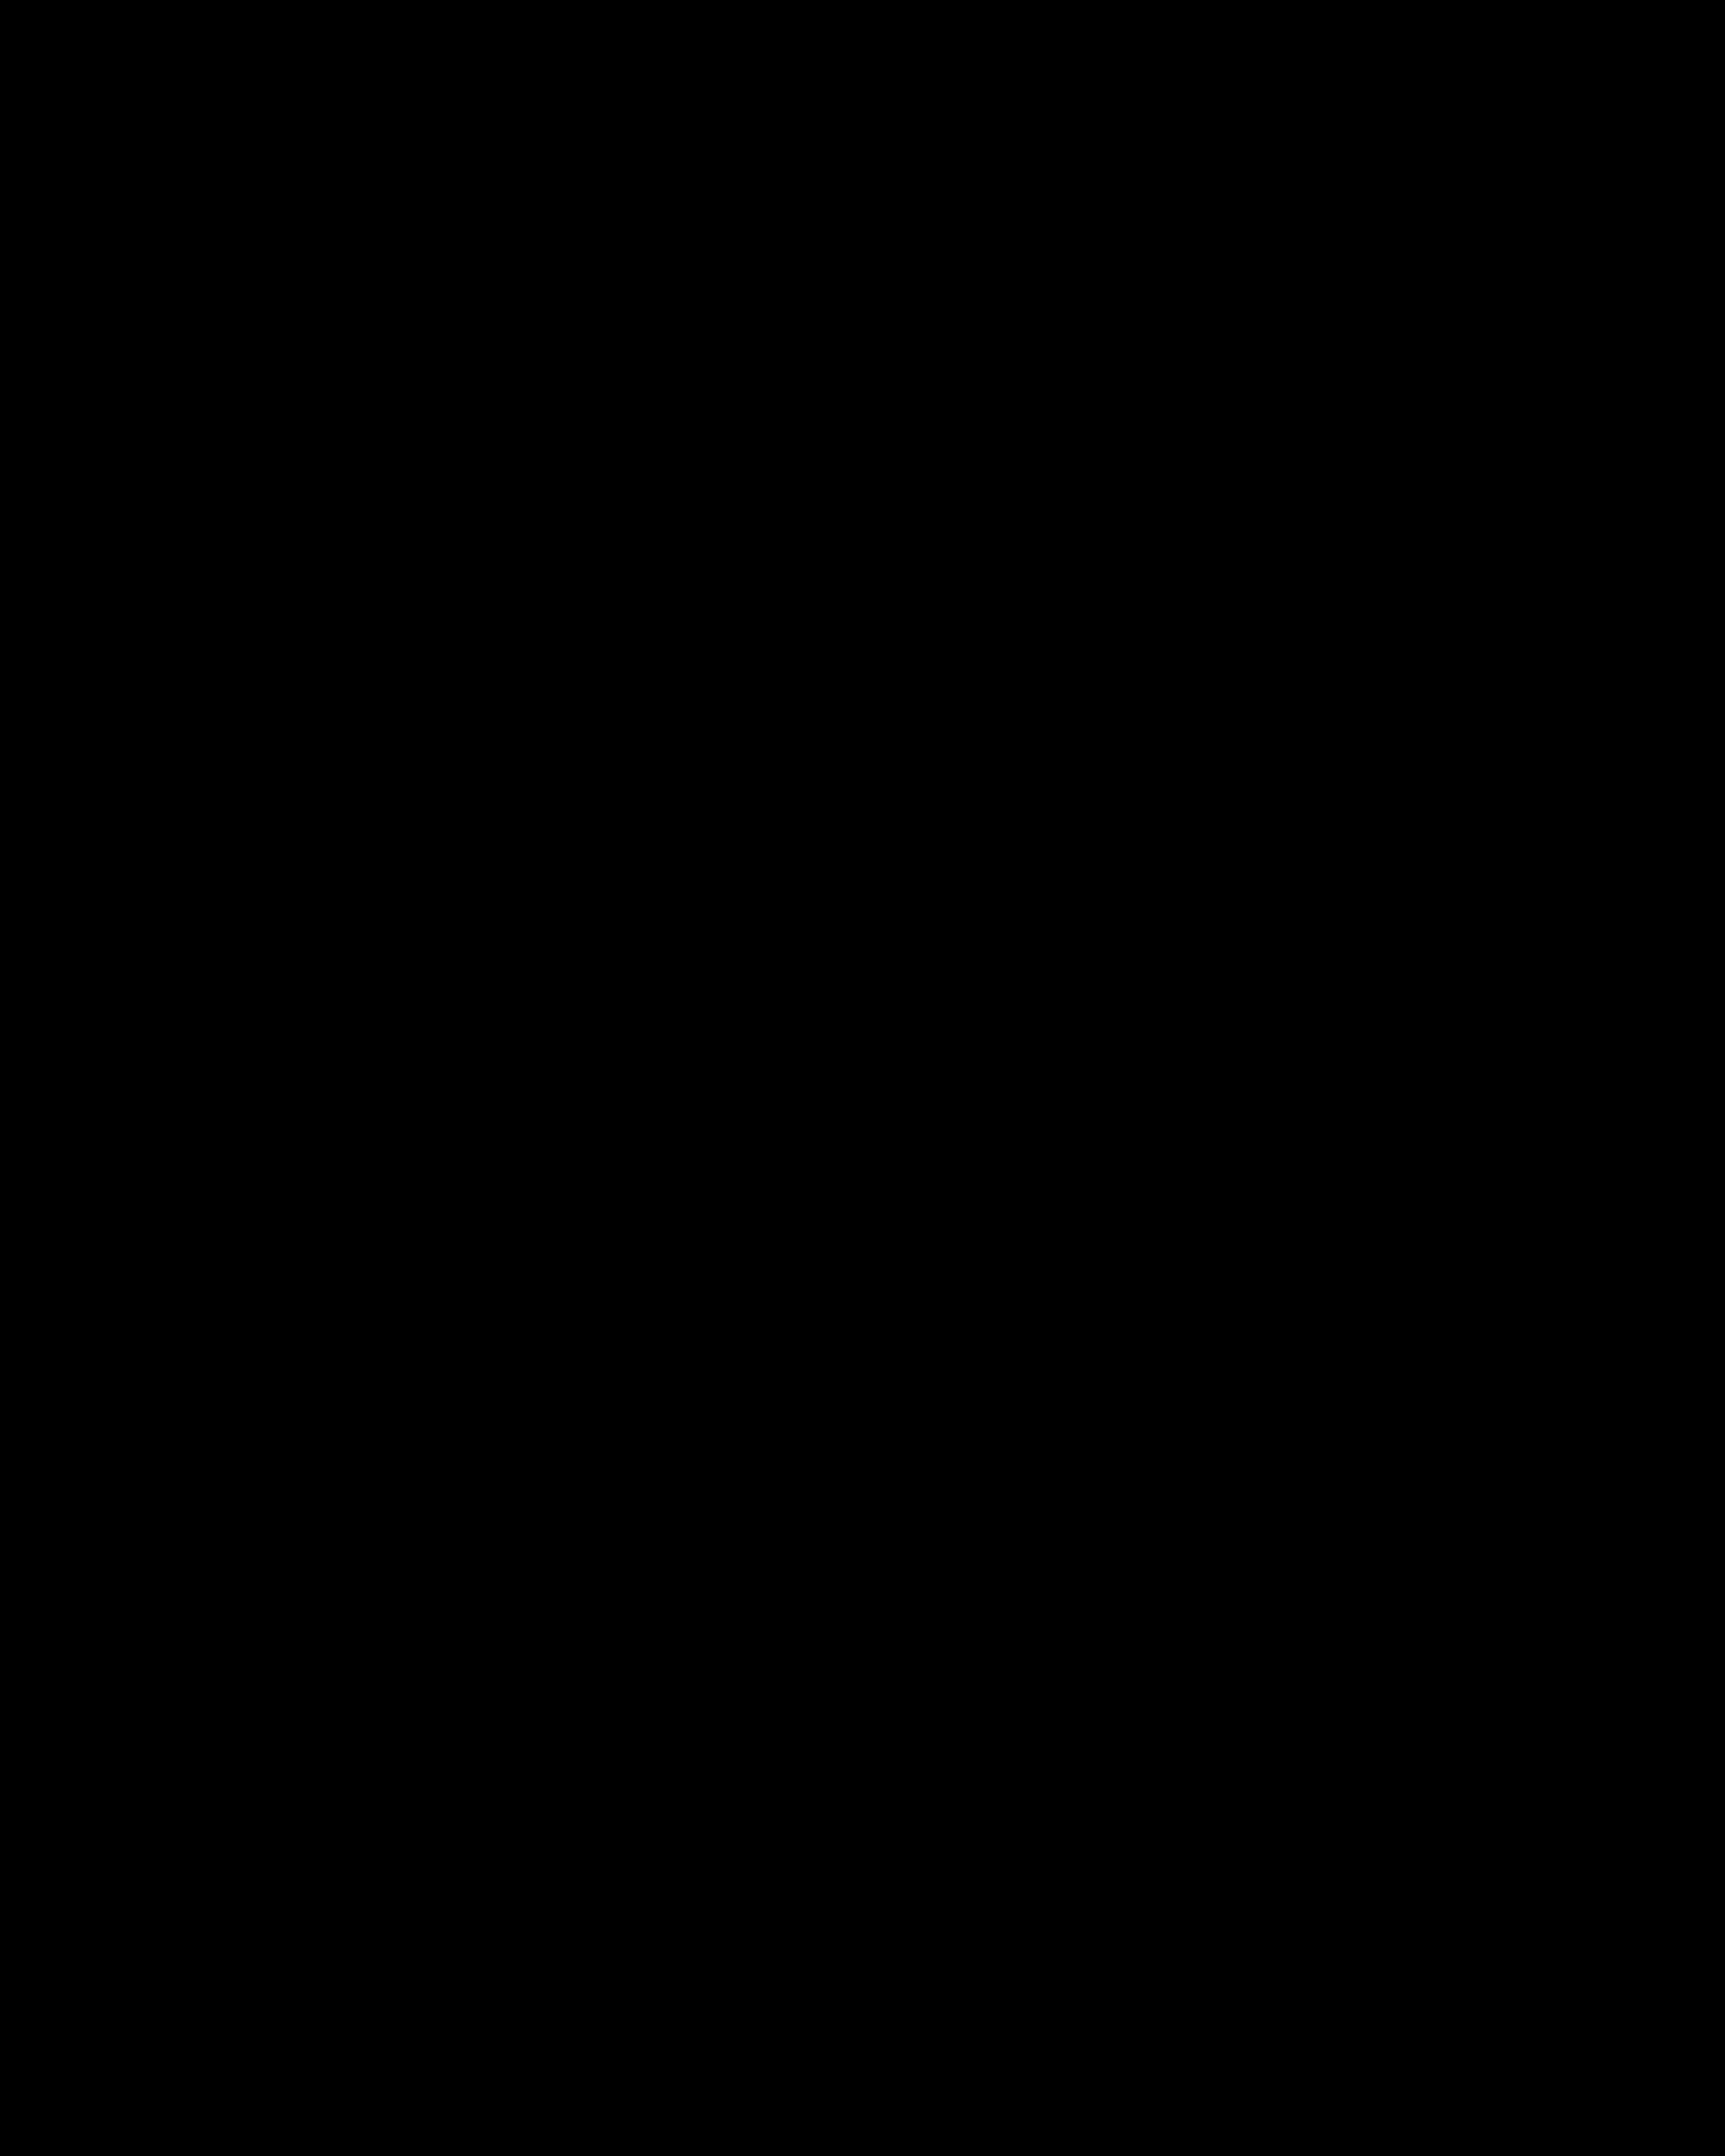 Finnick's Rescue World